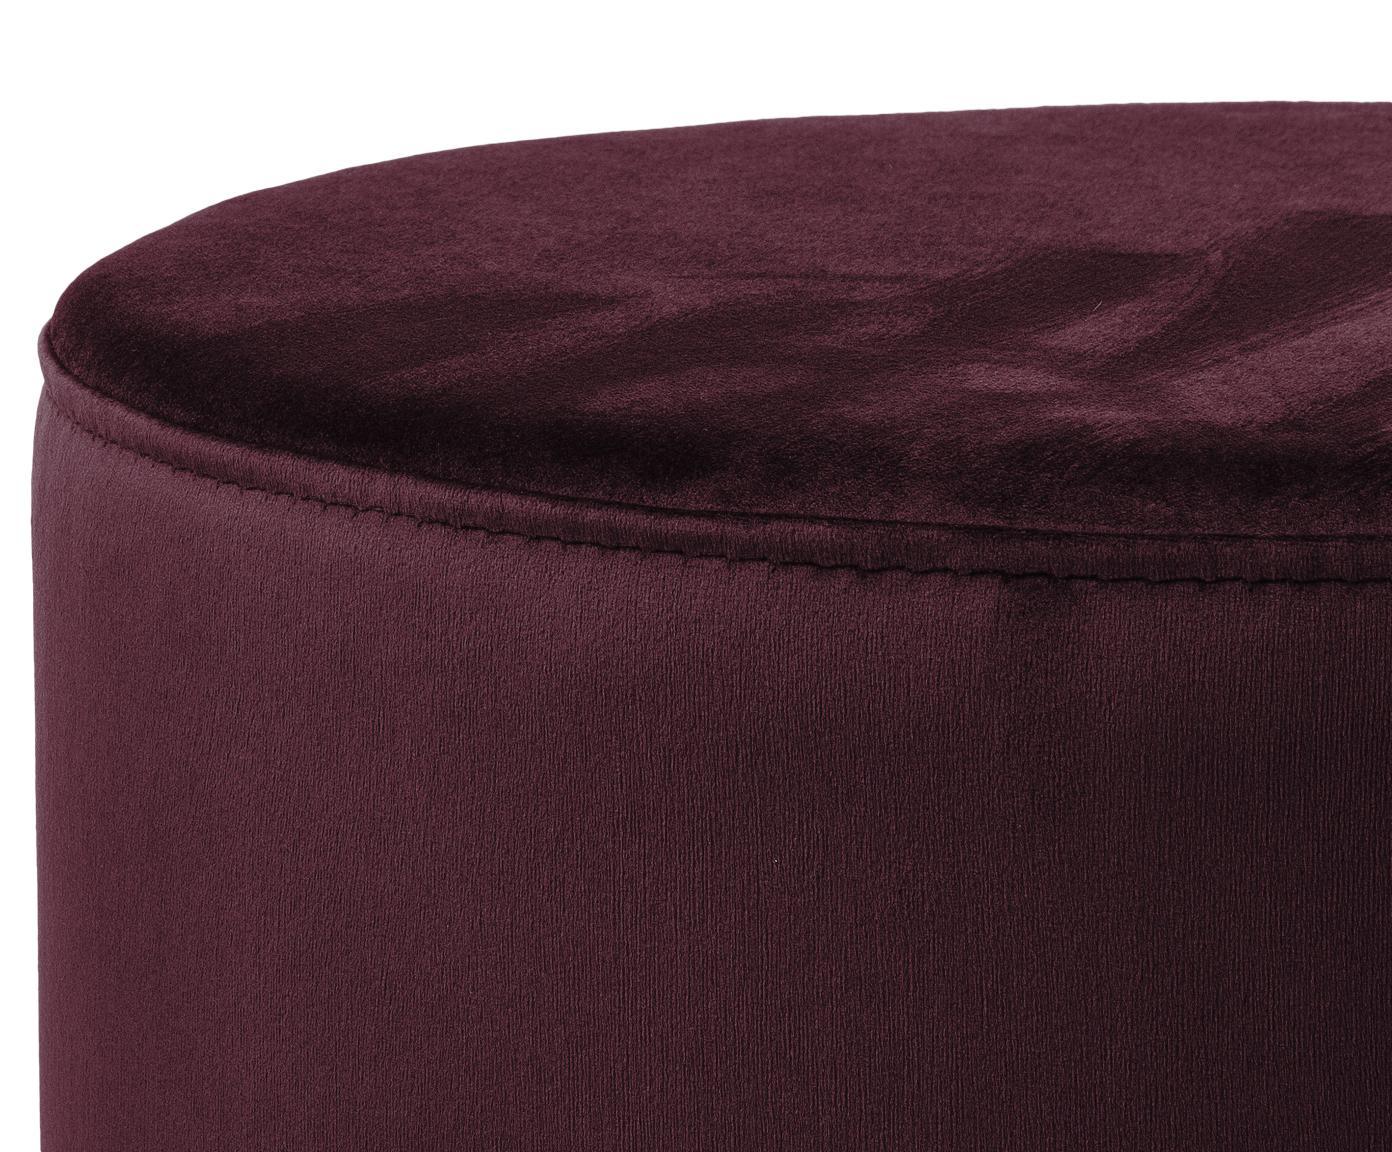 Puf z aksamitu Daisy, Tapicerka: aksamit (poliester) Tkani, Ciemny czerwony, Ø 38 x W 46 cm